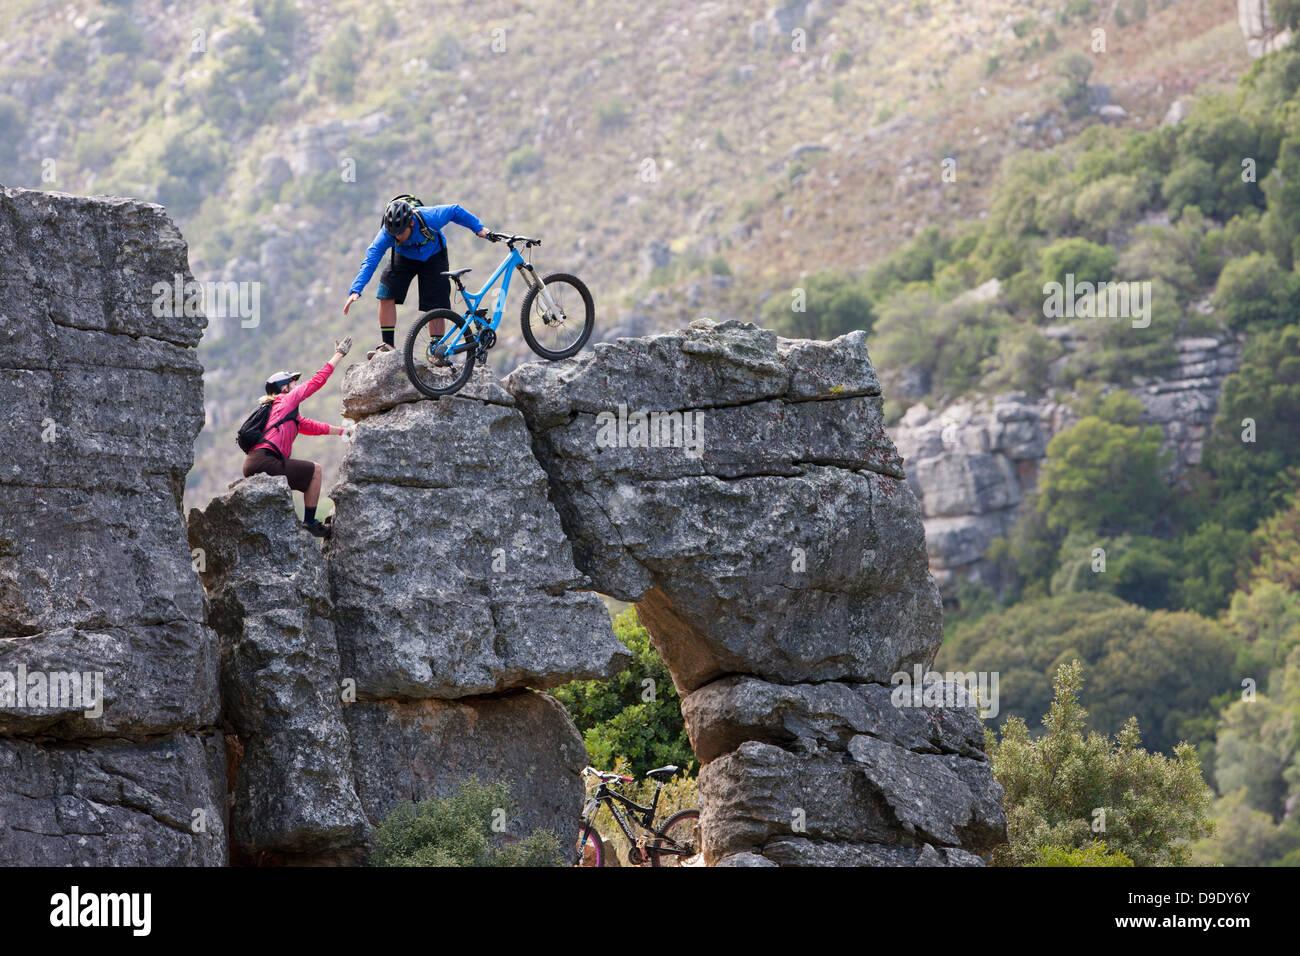 Mountain Bike paar Klettern Felsformation Stockbild